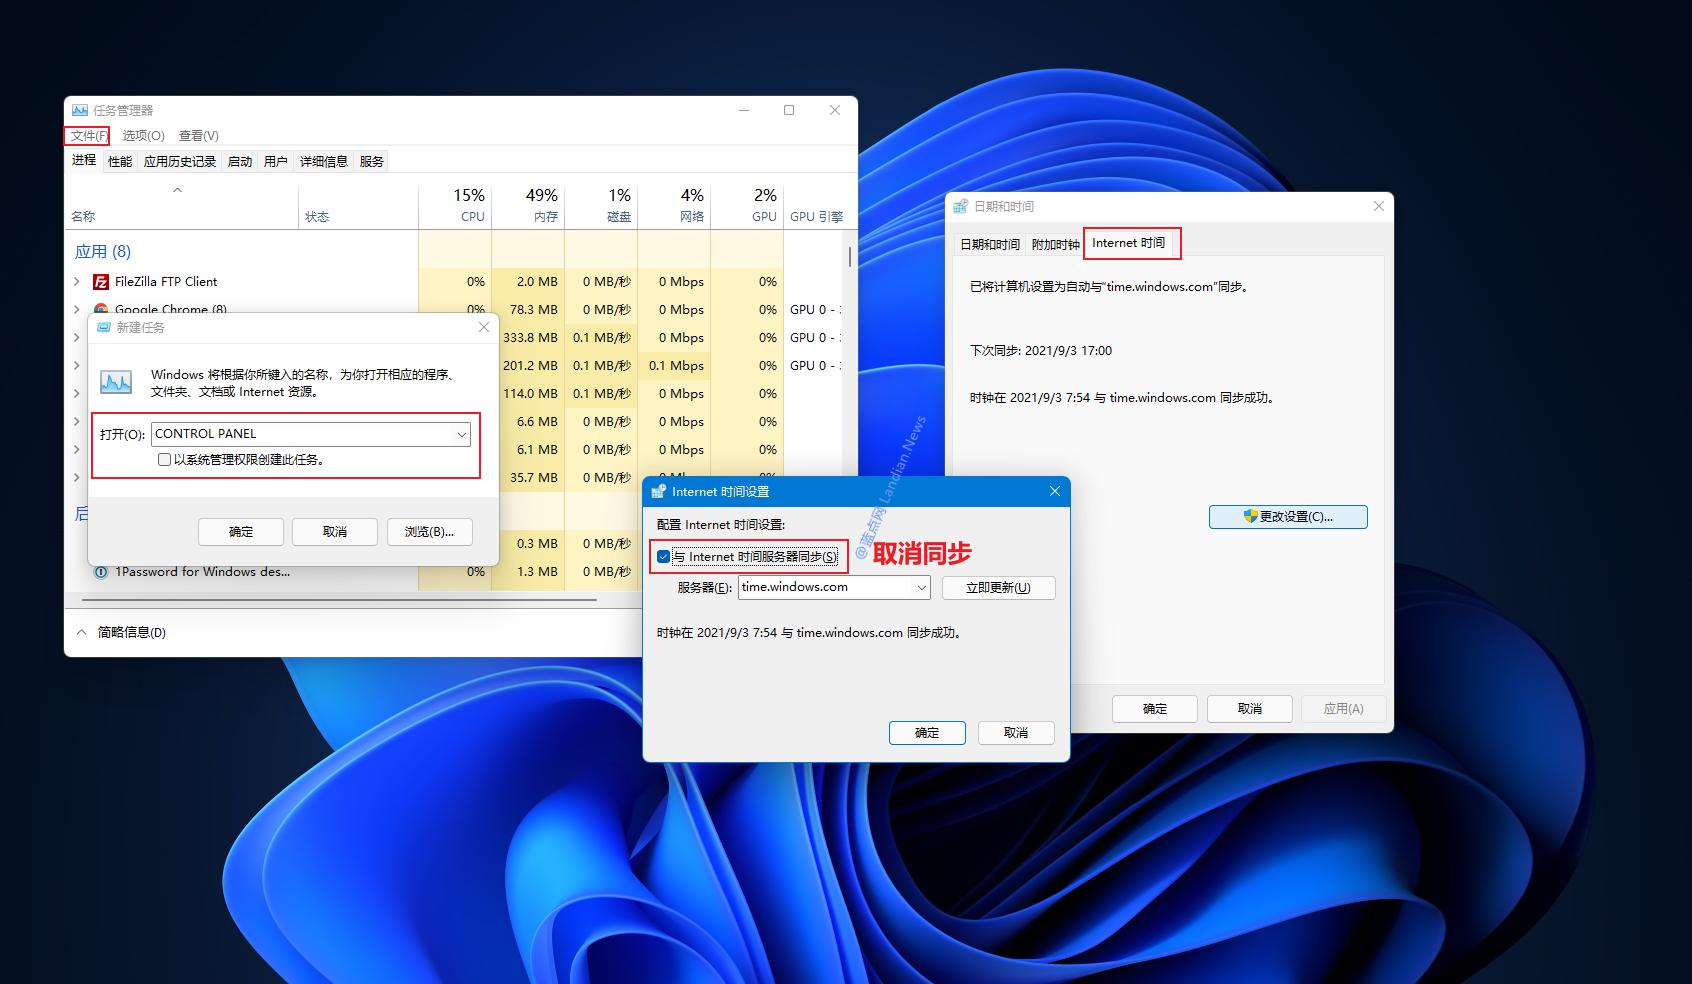 Windows 11 Dev&Beta最新测试版同时翻车 请用户暂时不要升级